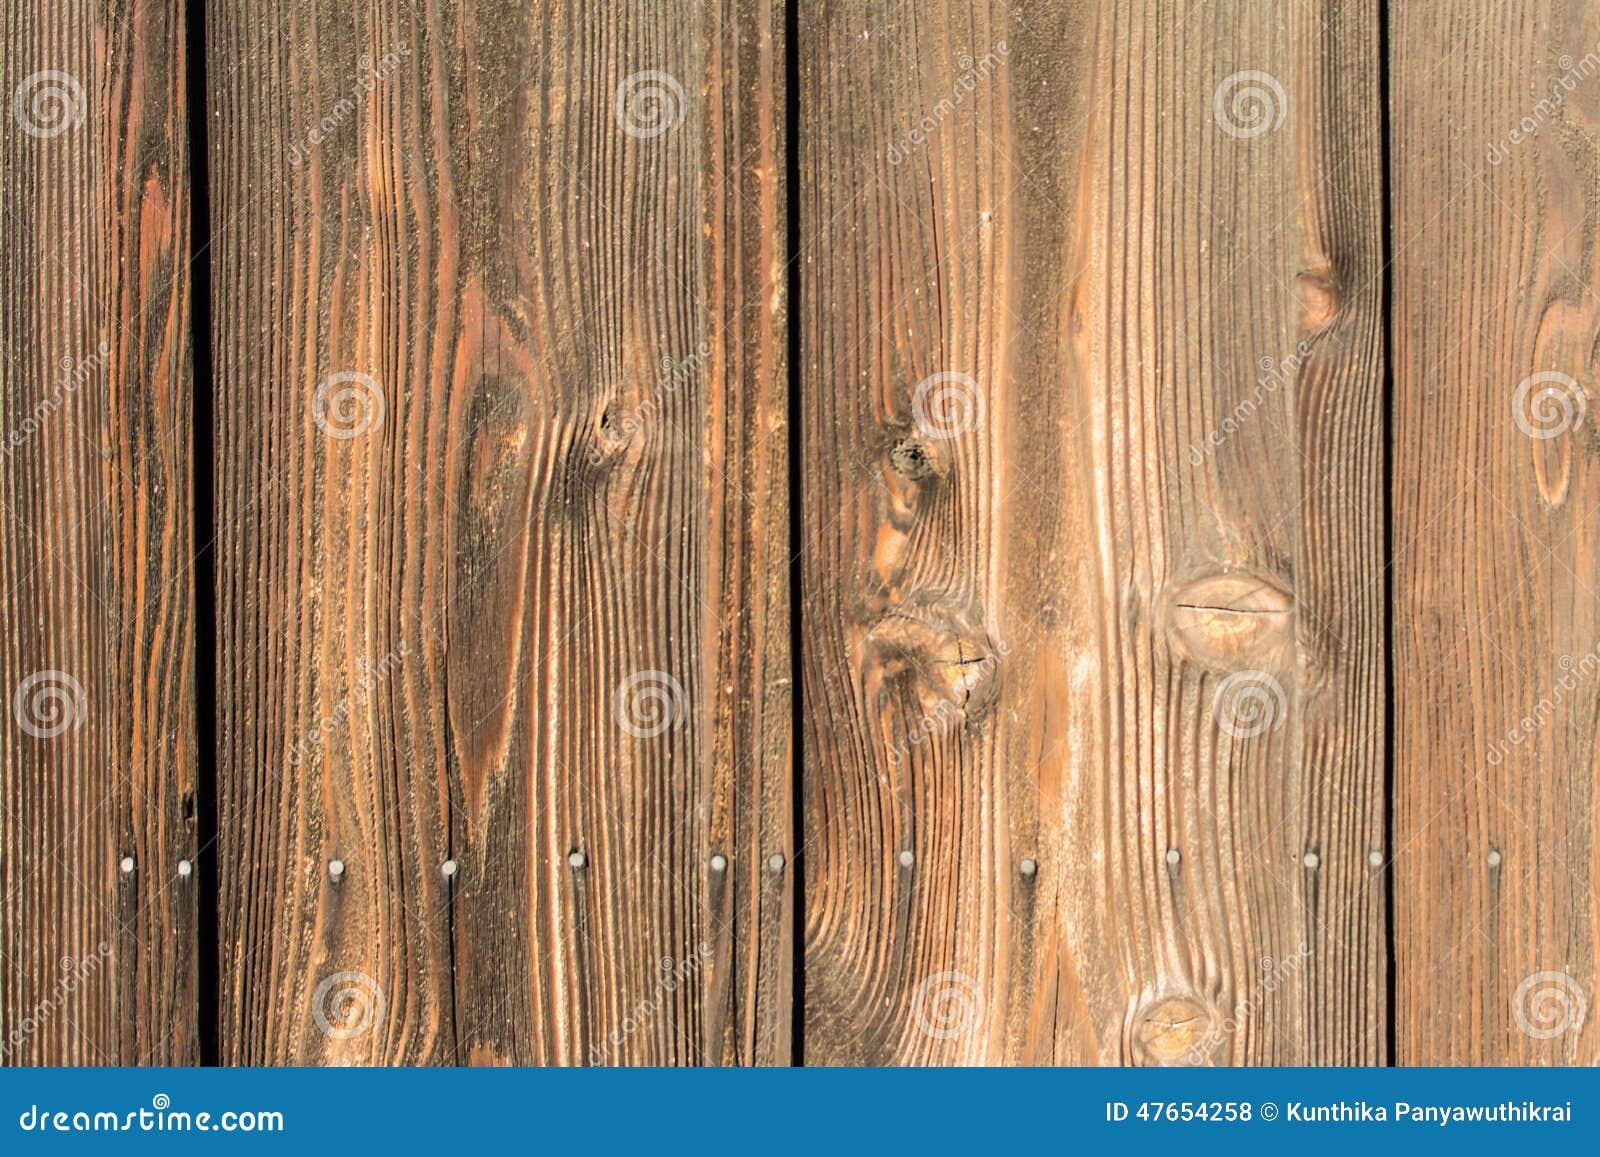 Vecchio legno giapponese fotografia stock immagine di for Legno giapponese